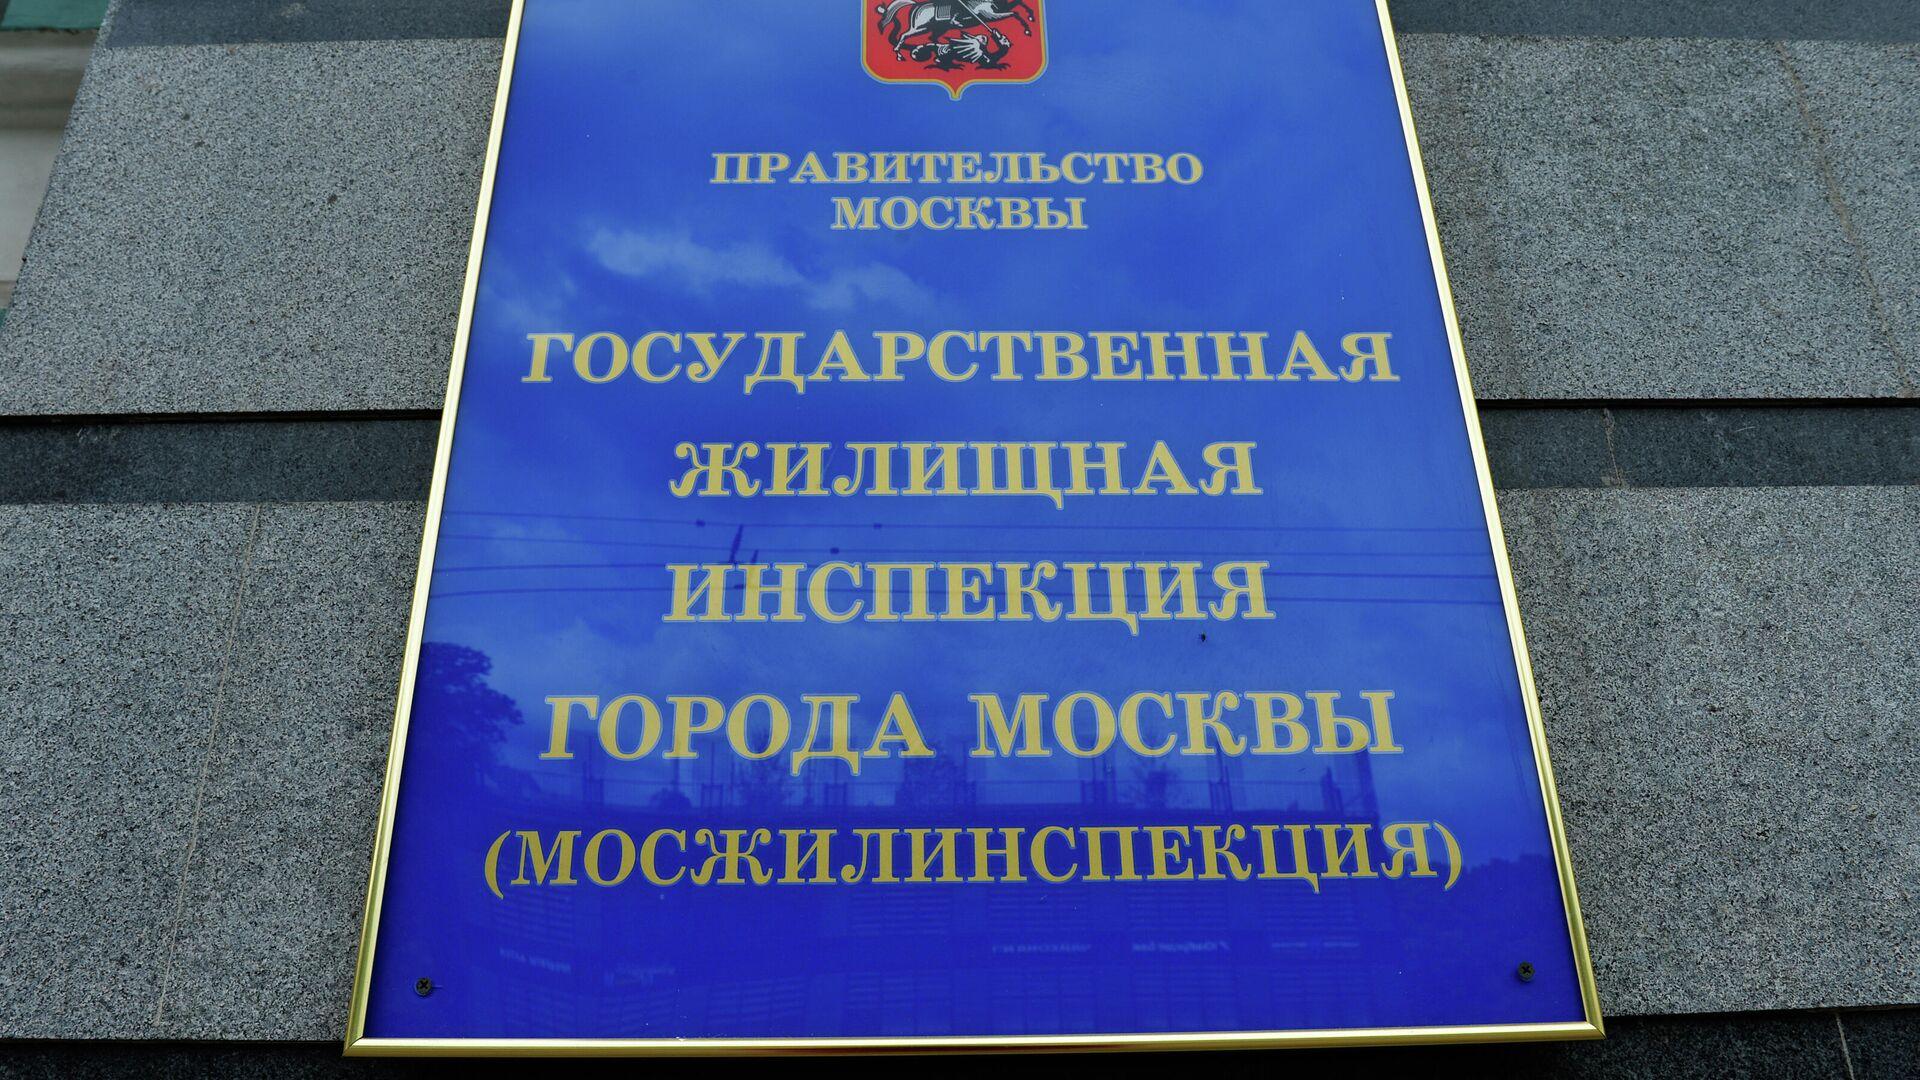 Табличка на здании Государственной жилищной инспекции города Москвы (Мосжилинспекции) - РИА Новости, 1920, 17.08.2020